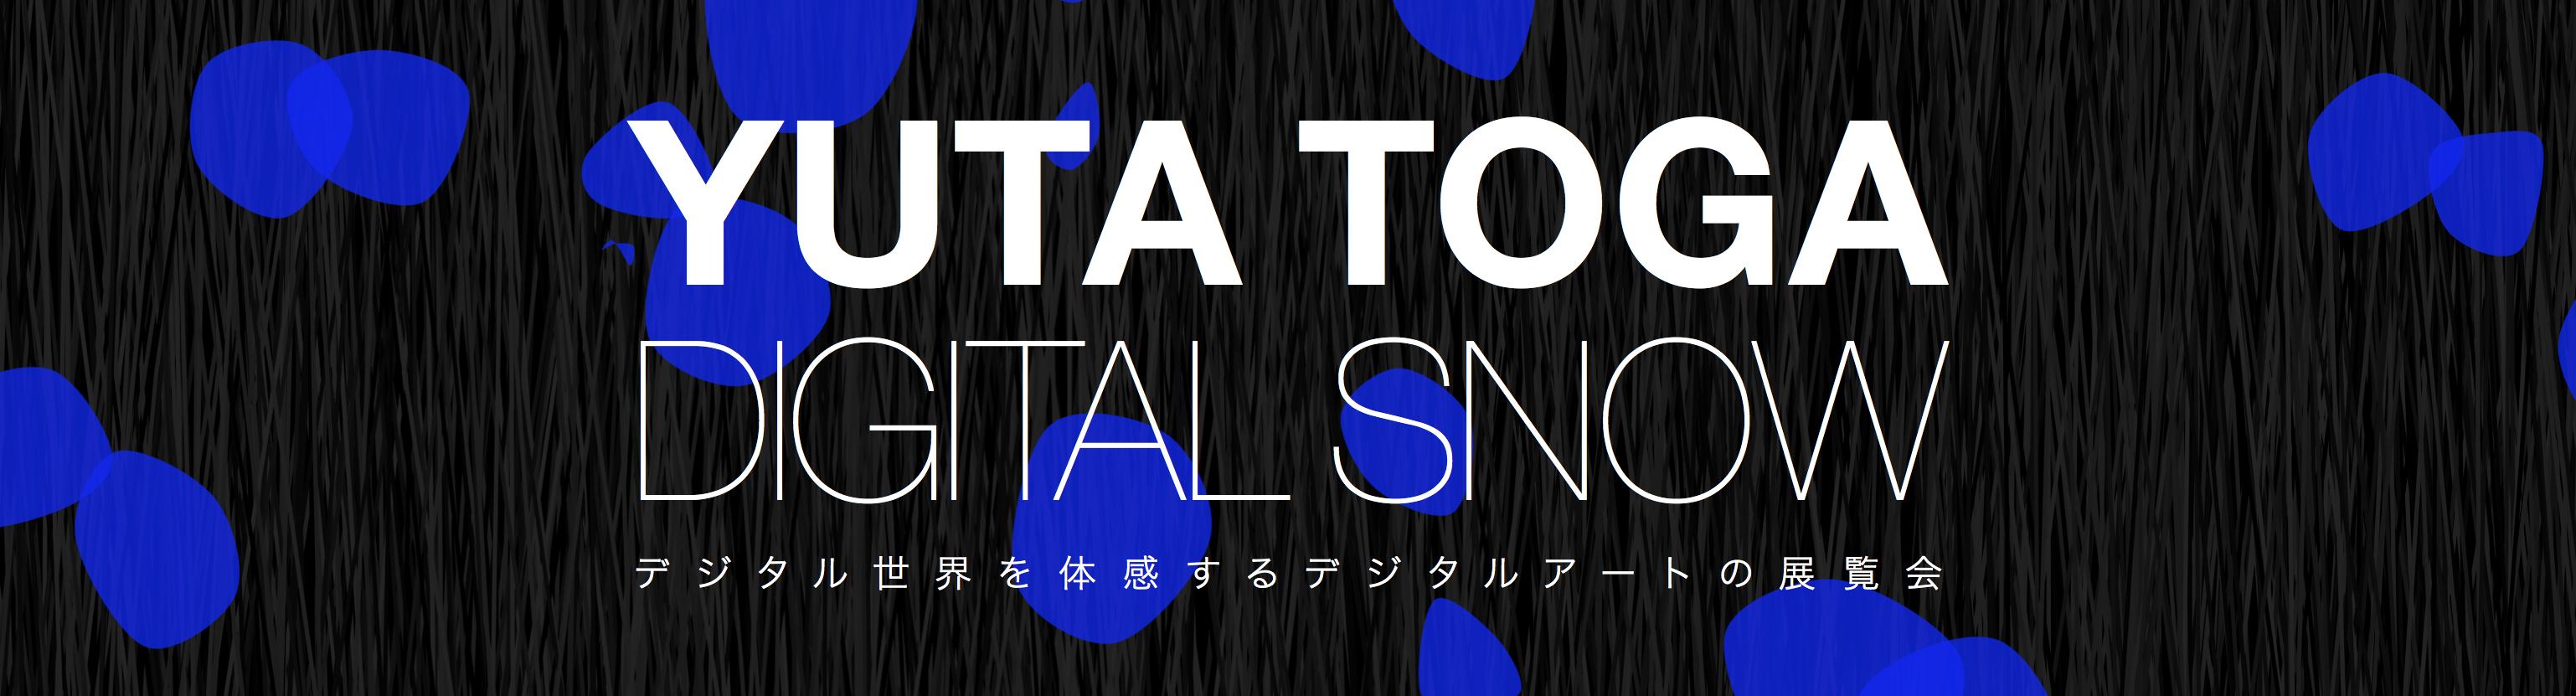 DIGITAL SNOW_very_short